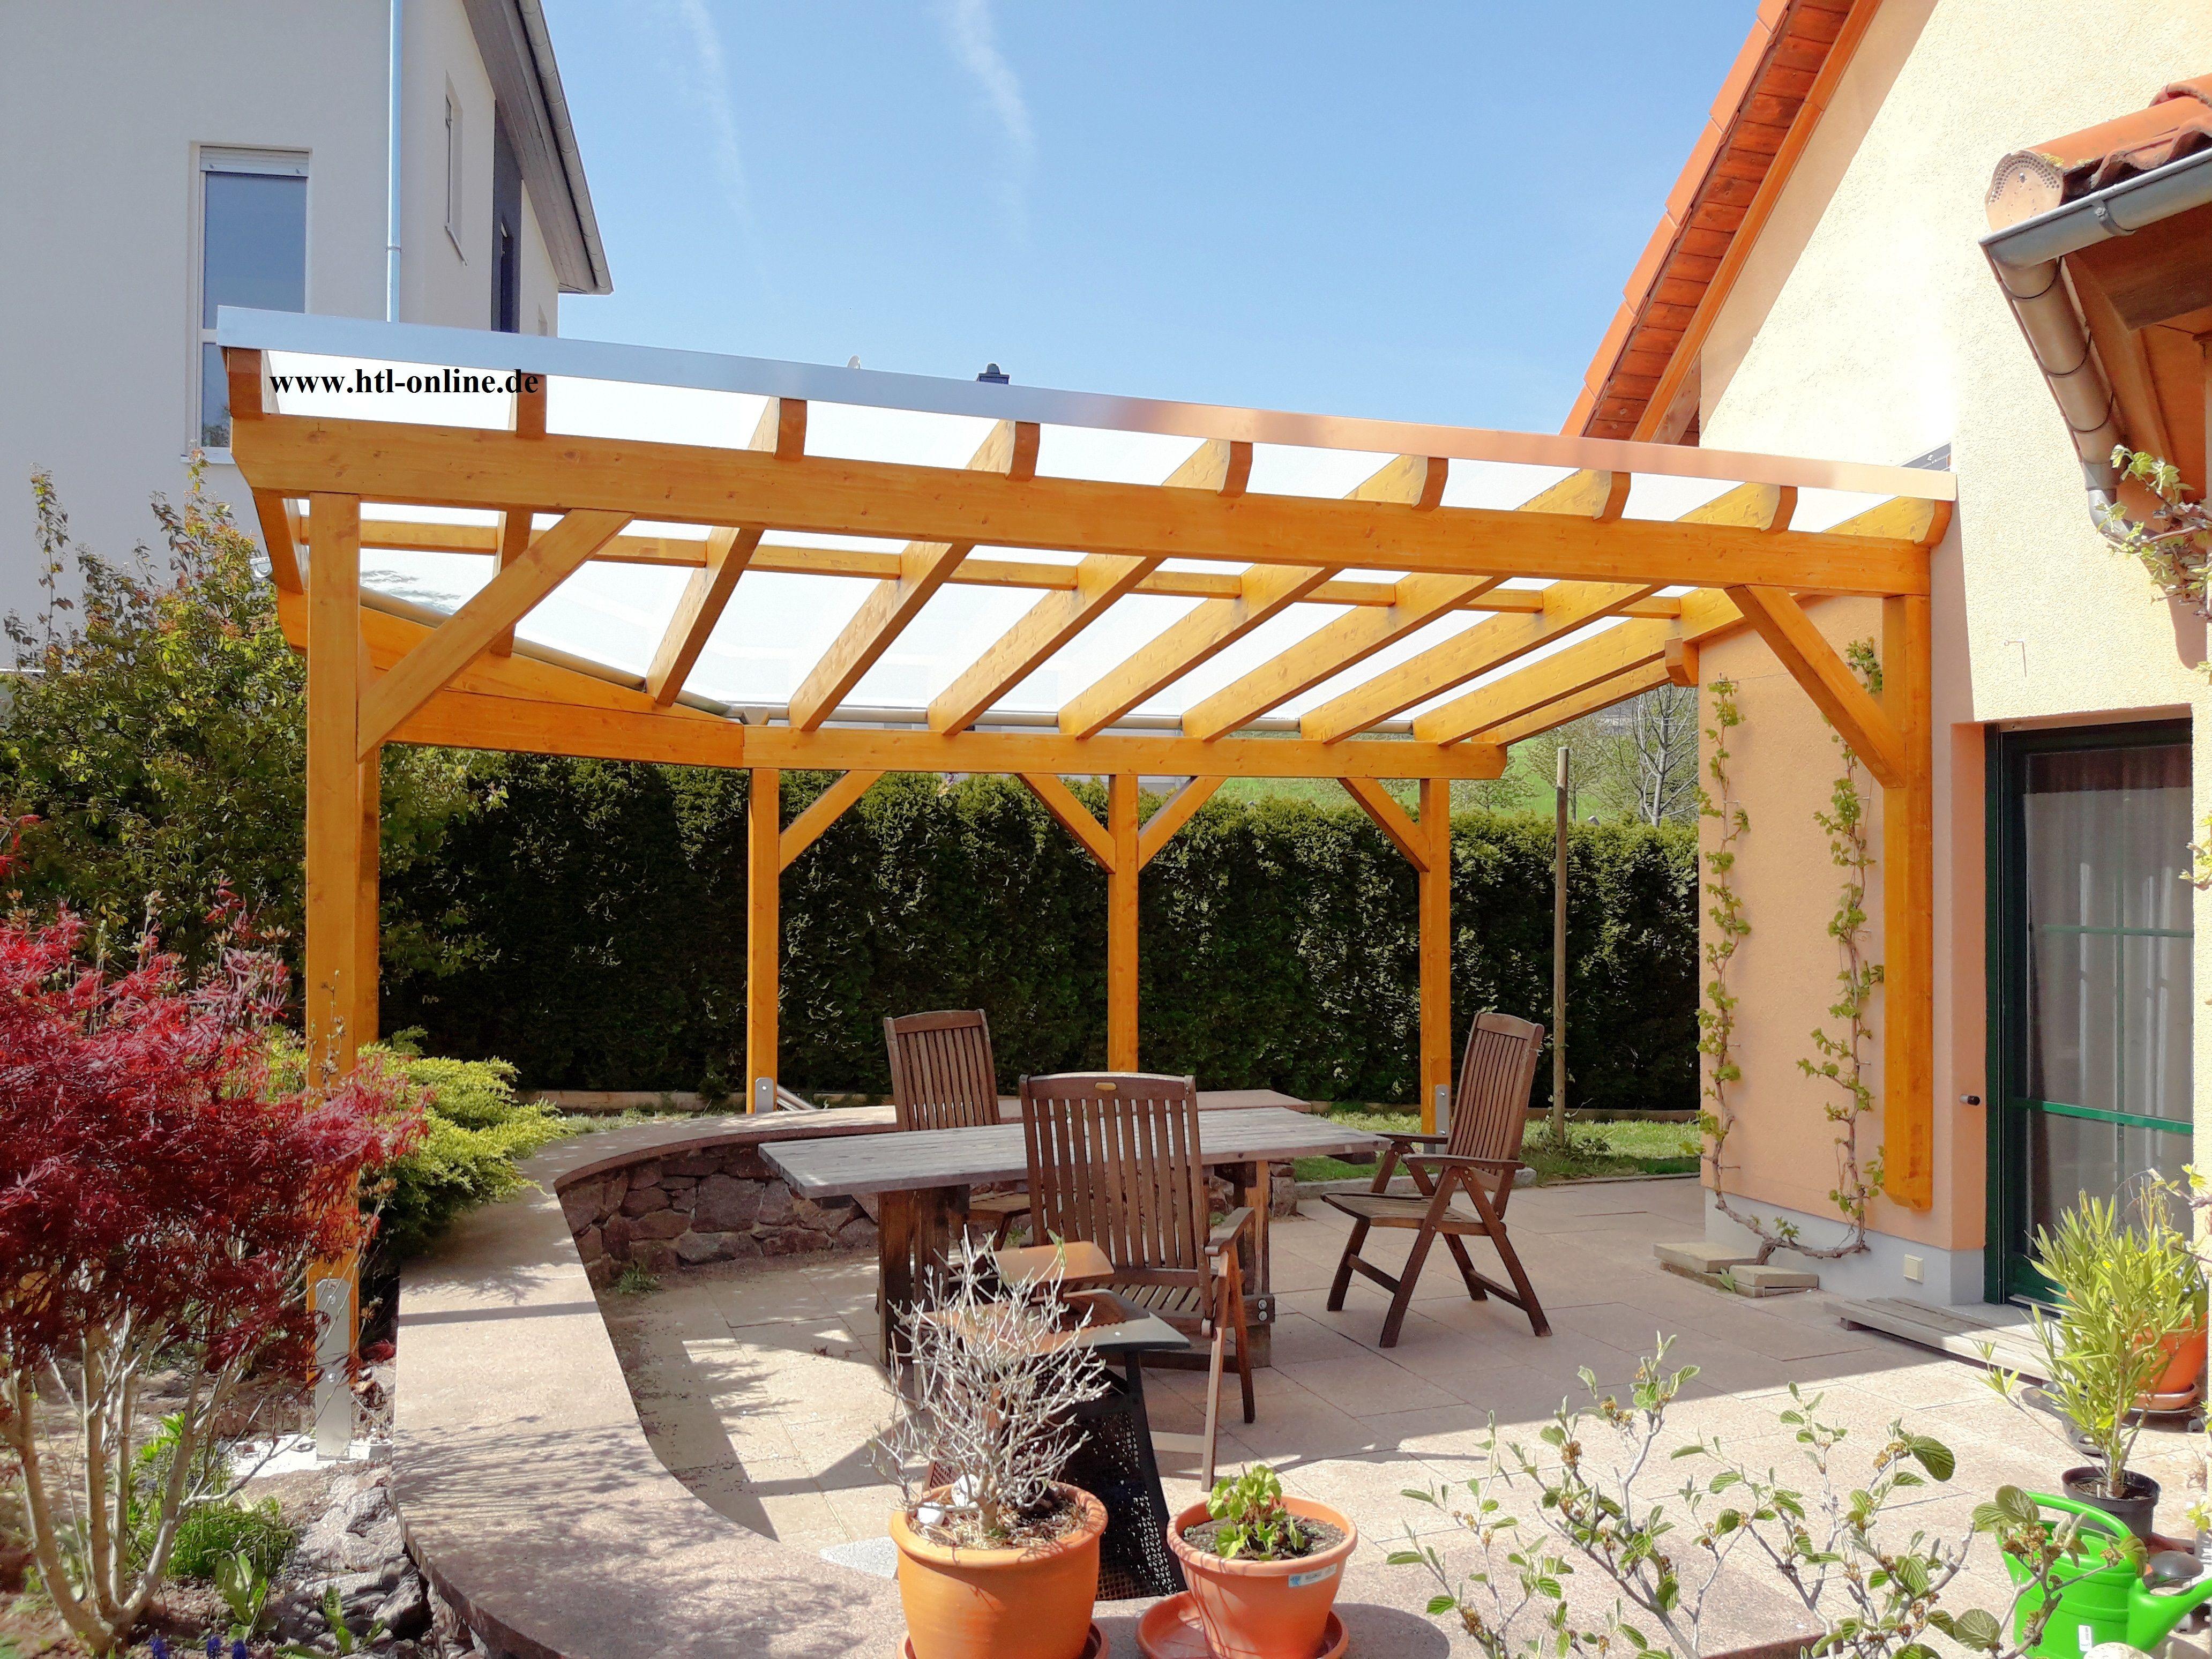 Uberdachung Aus Holz Htl Holztechnik Holz Arbeit Mit Holz Uberdachung Aus Holz Uberdachung Holz Garten Terrasse Vordach Selber Bauen